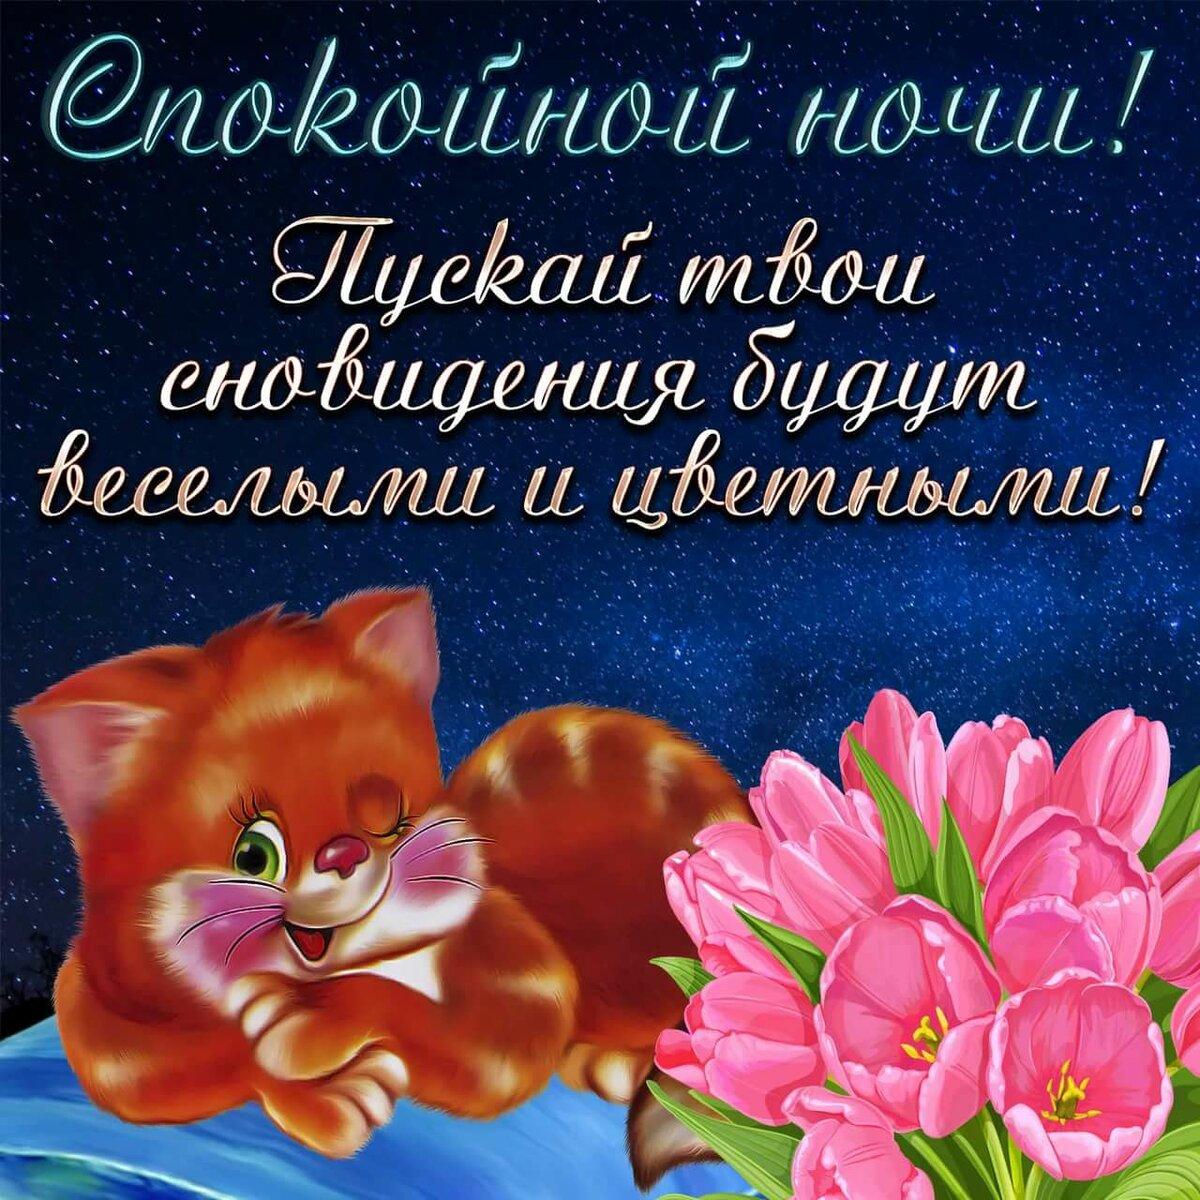 Картинки днем, спокойной ночи открытки новинки